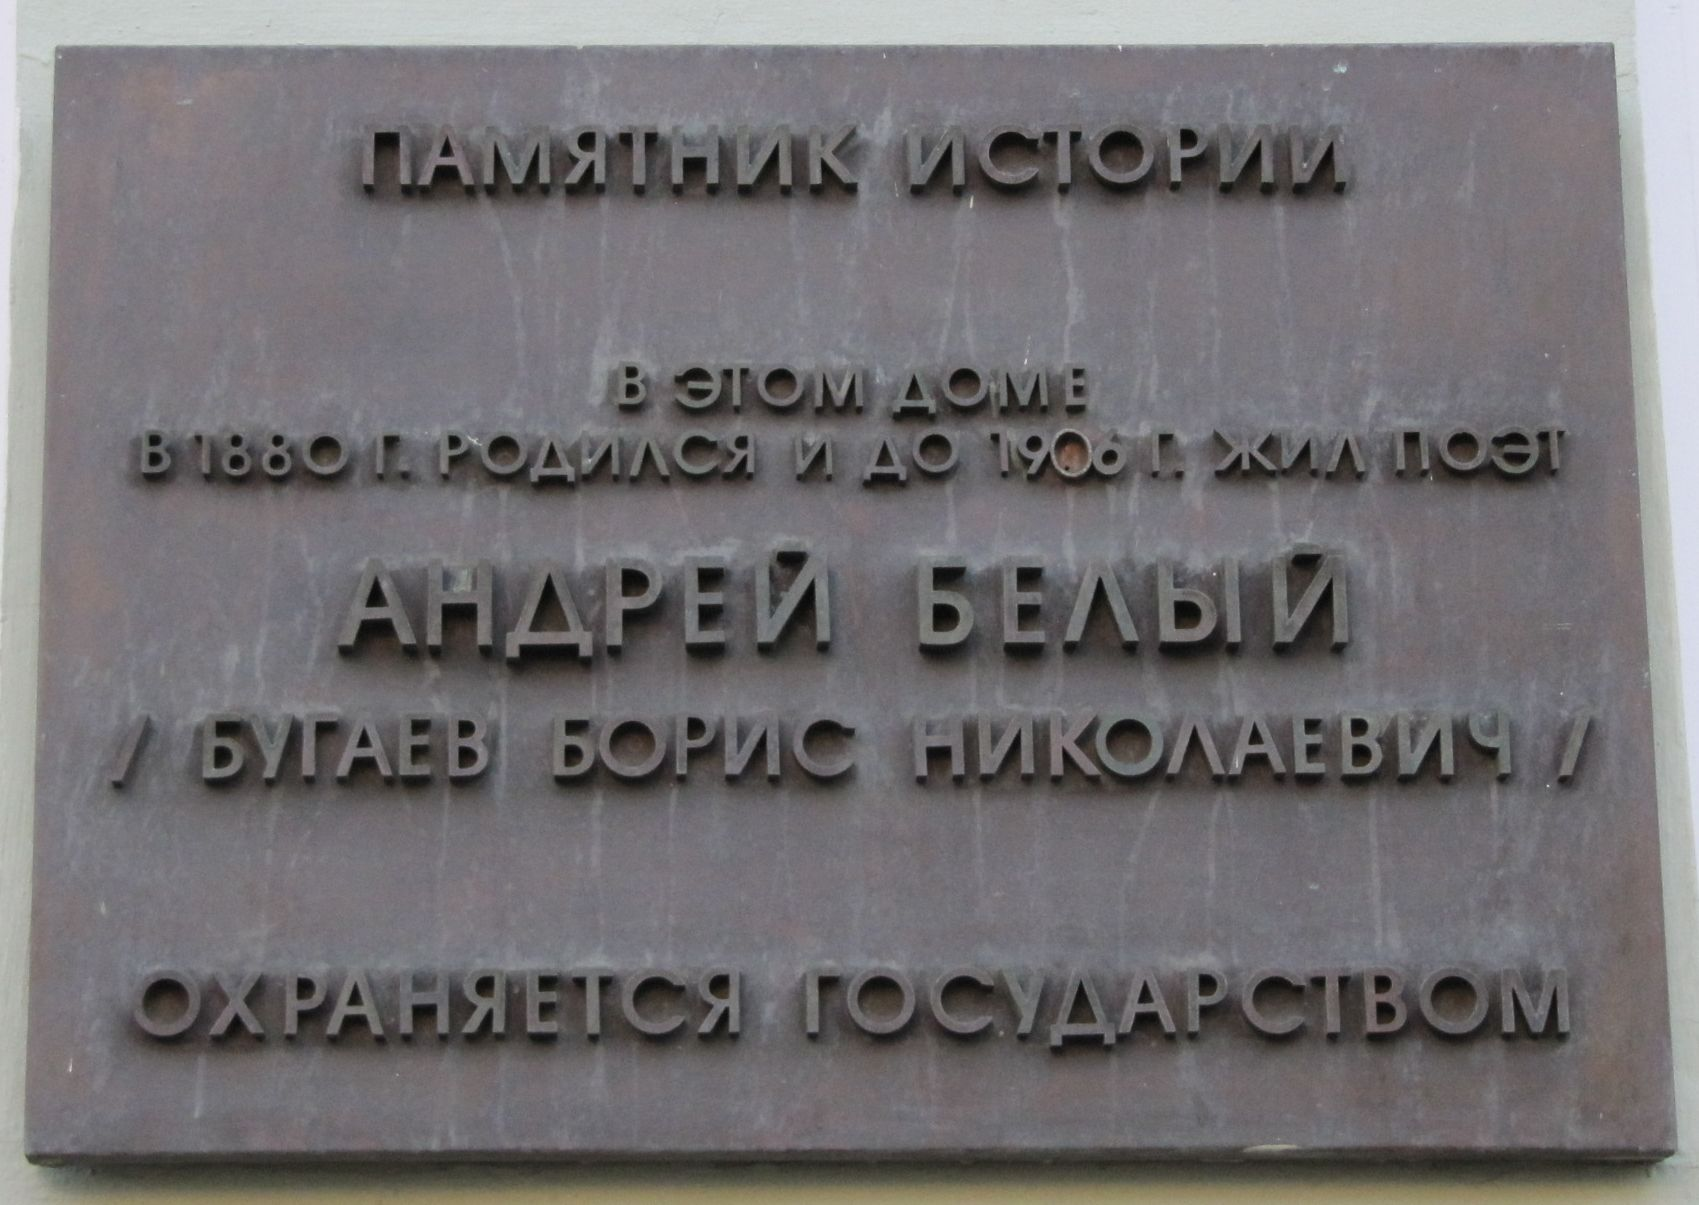 Plague_Beliy_Andrei_Arbat